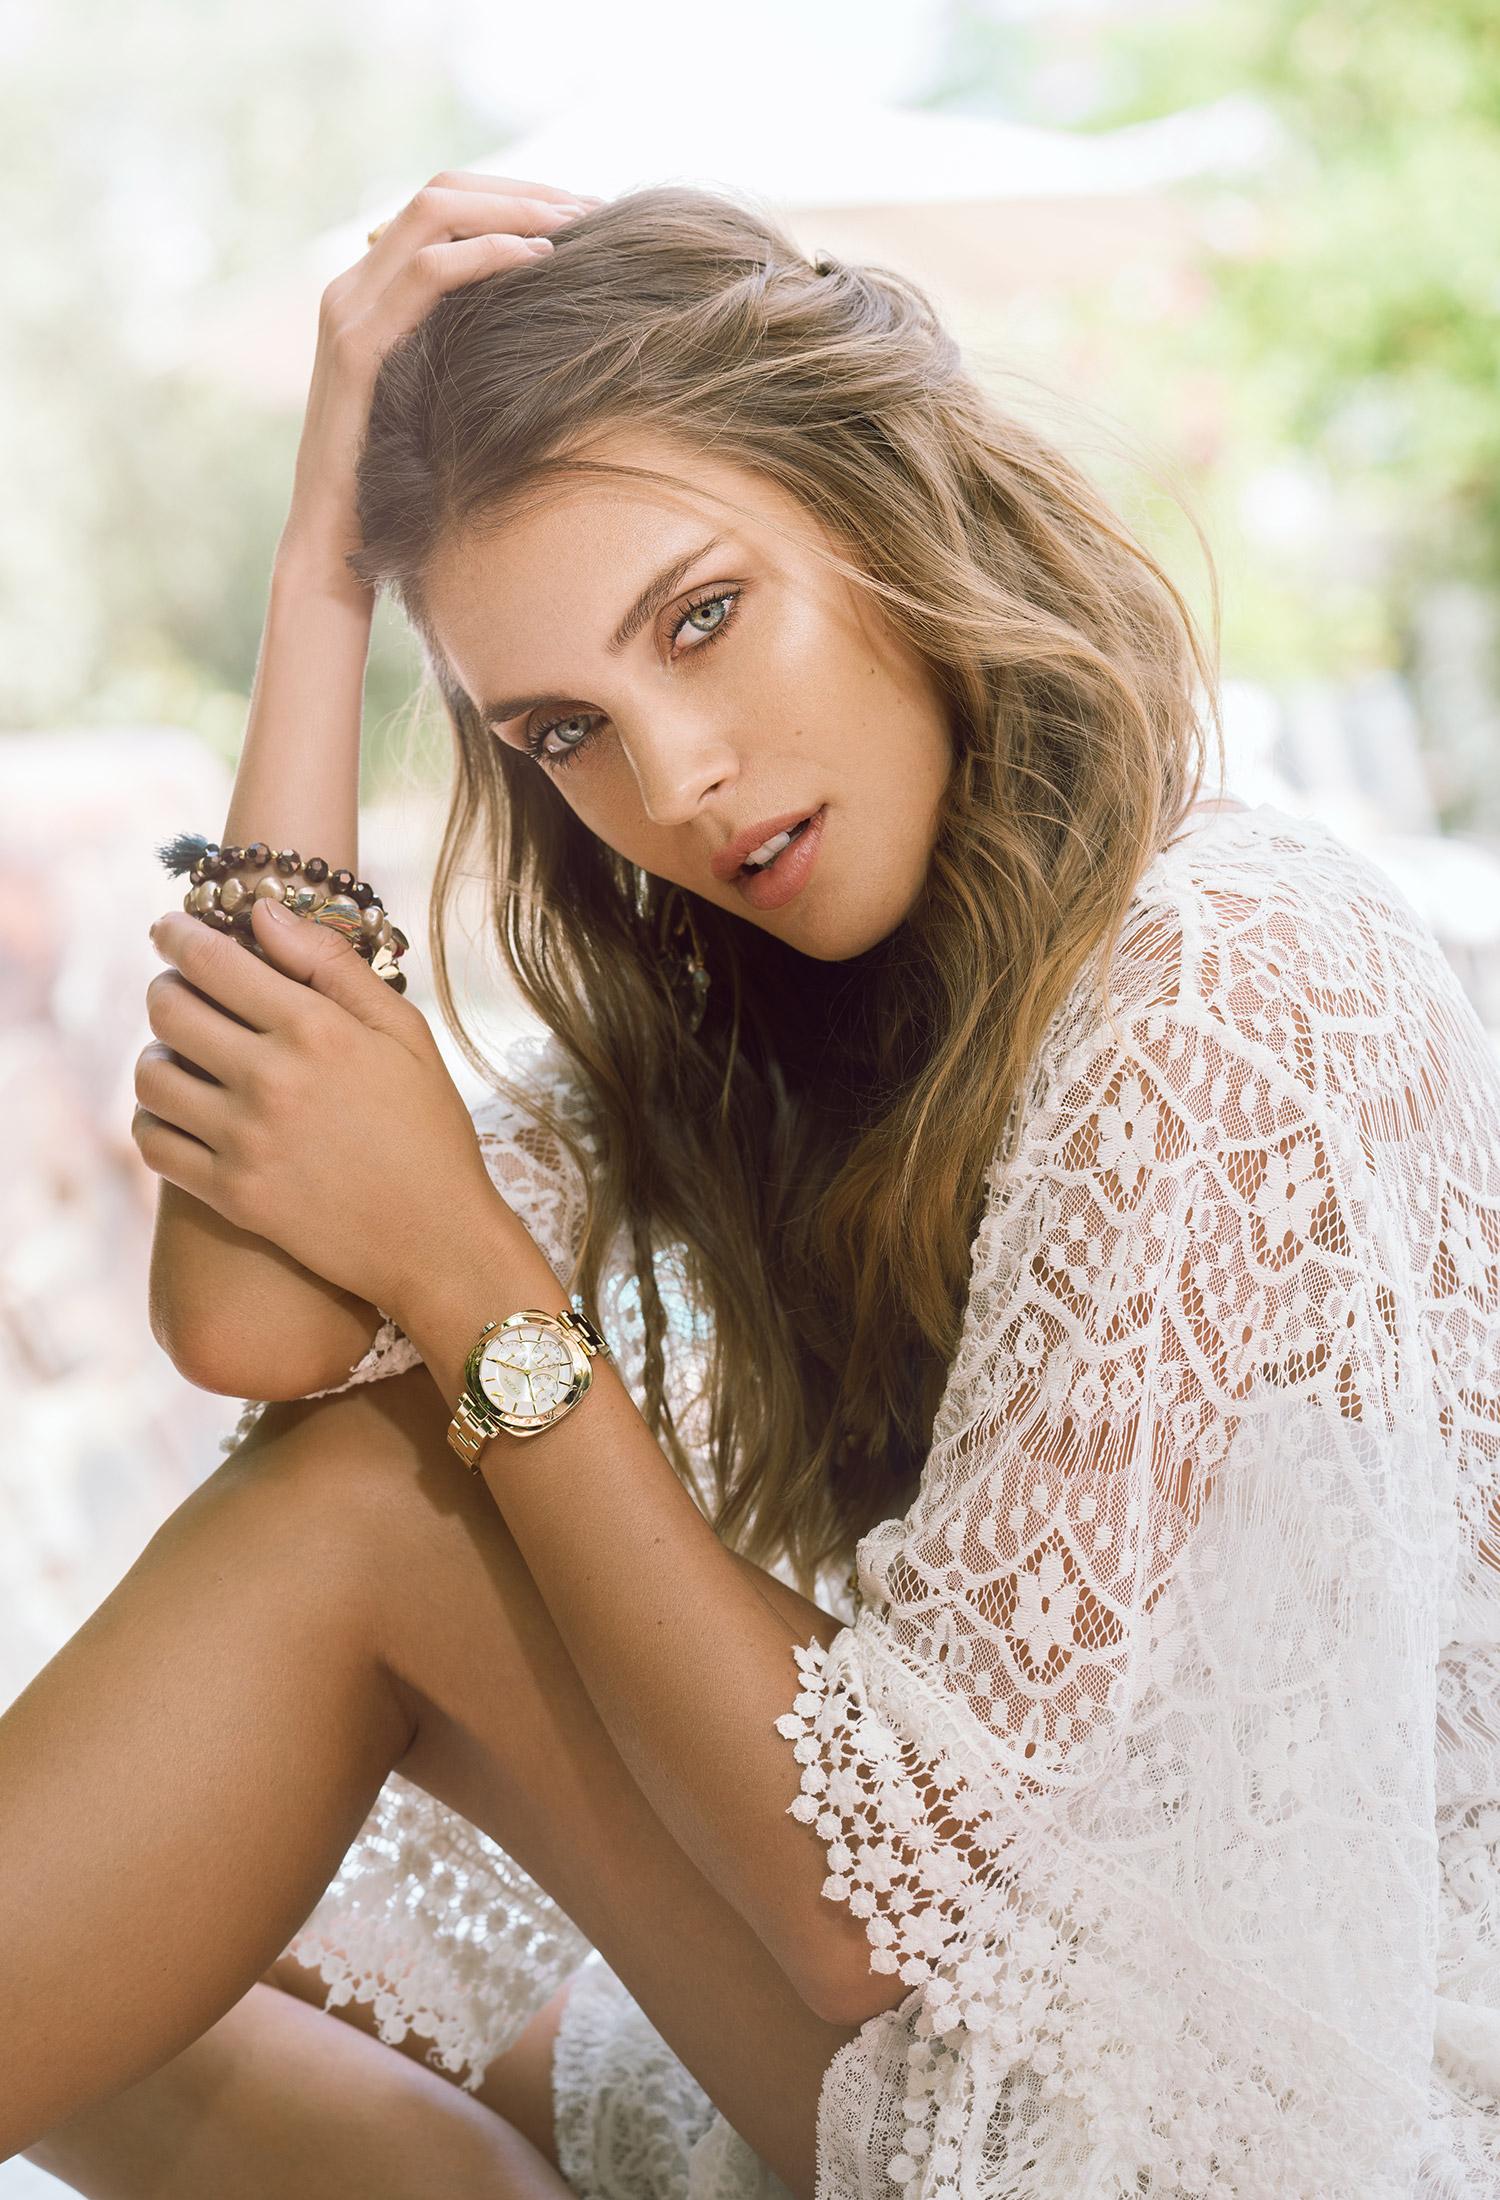 Samantha Landis